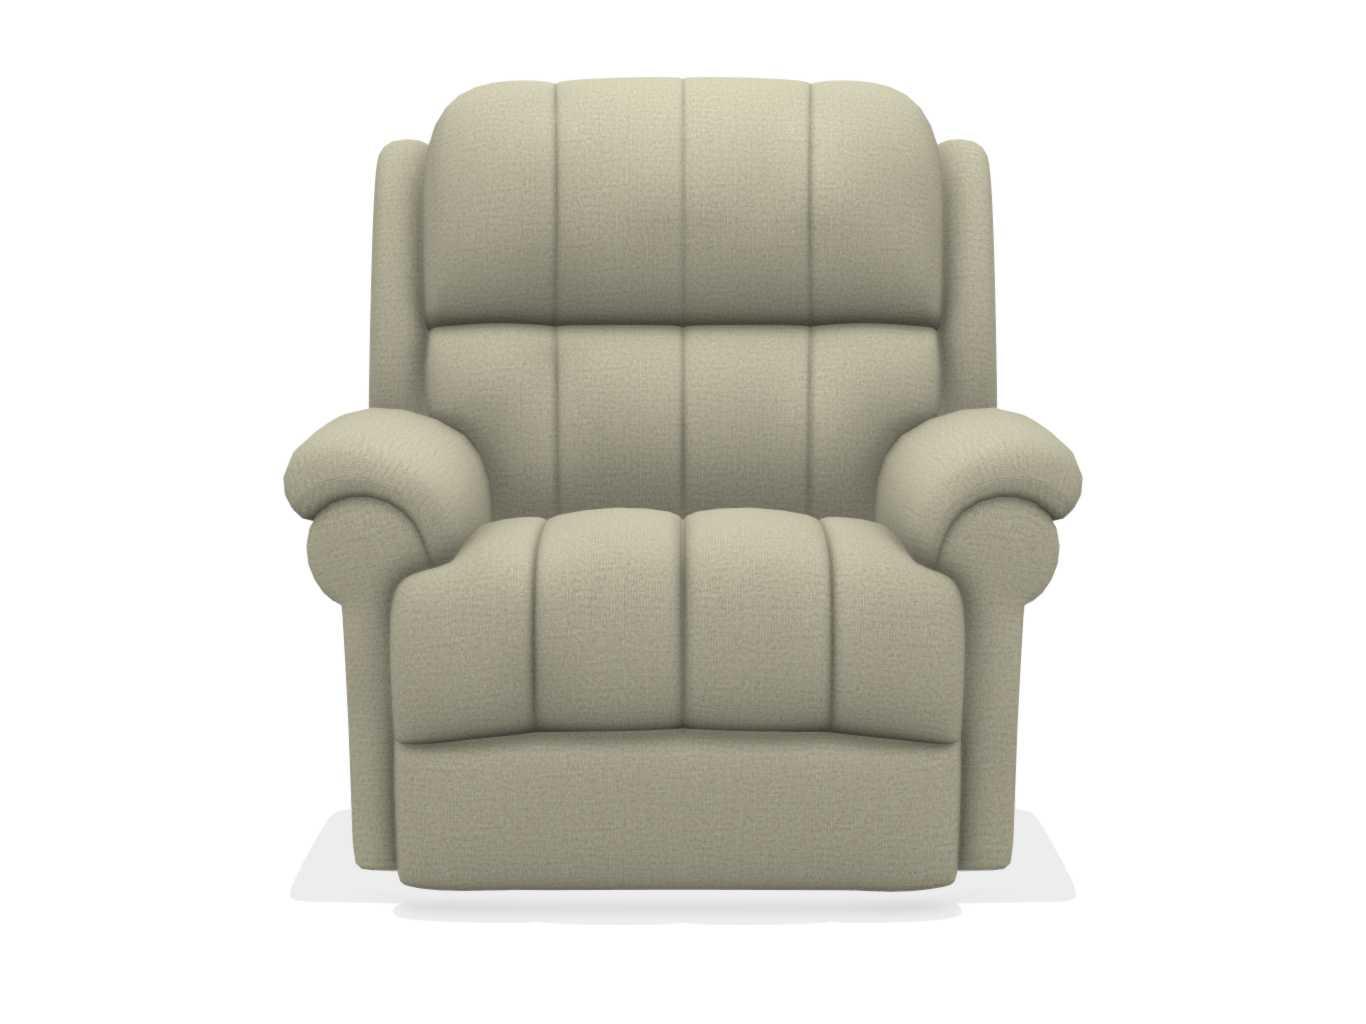 Neal Power Wall Recliner w/ Headrest and Lumbar